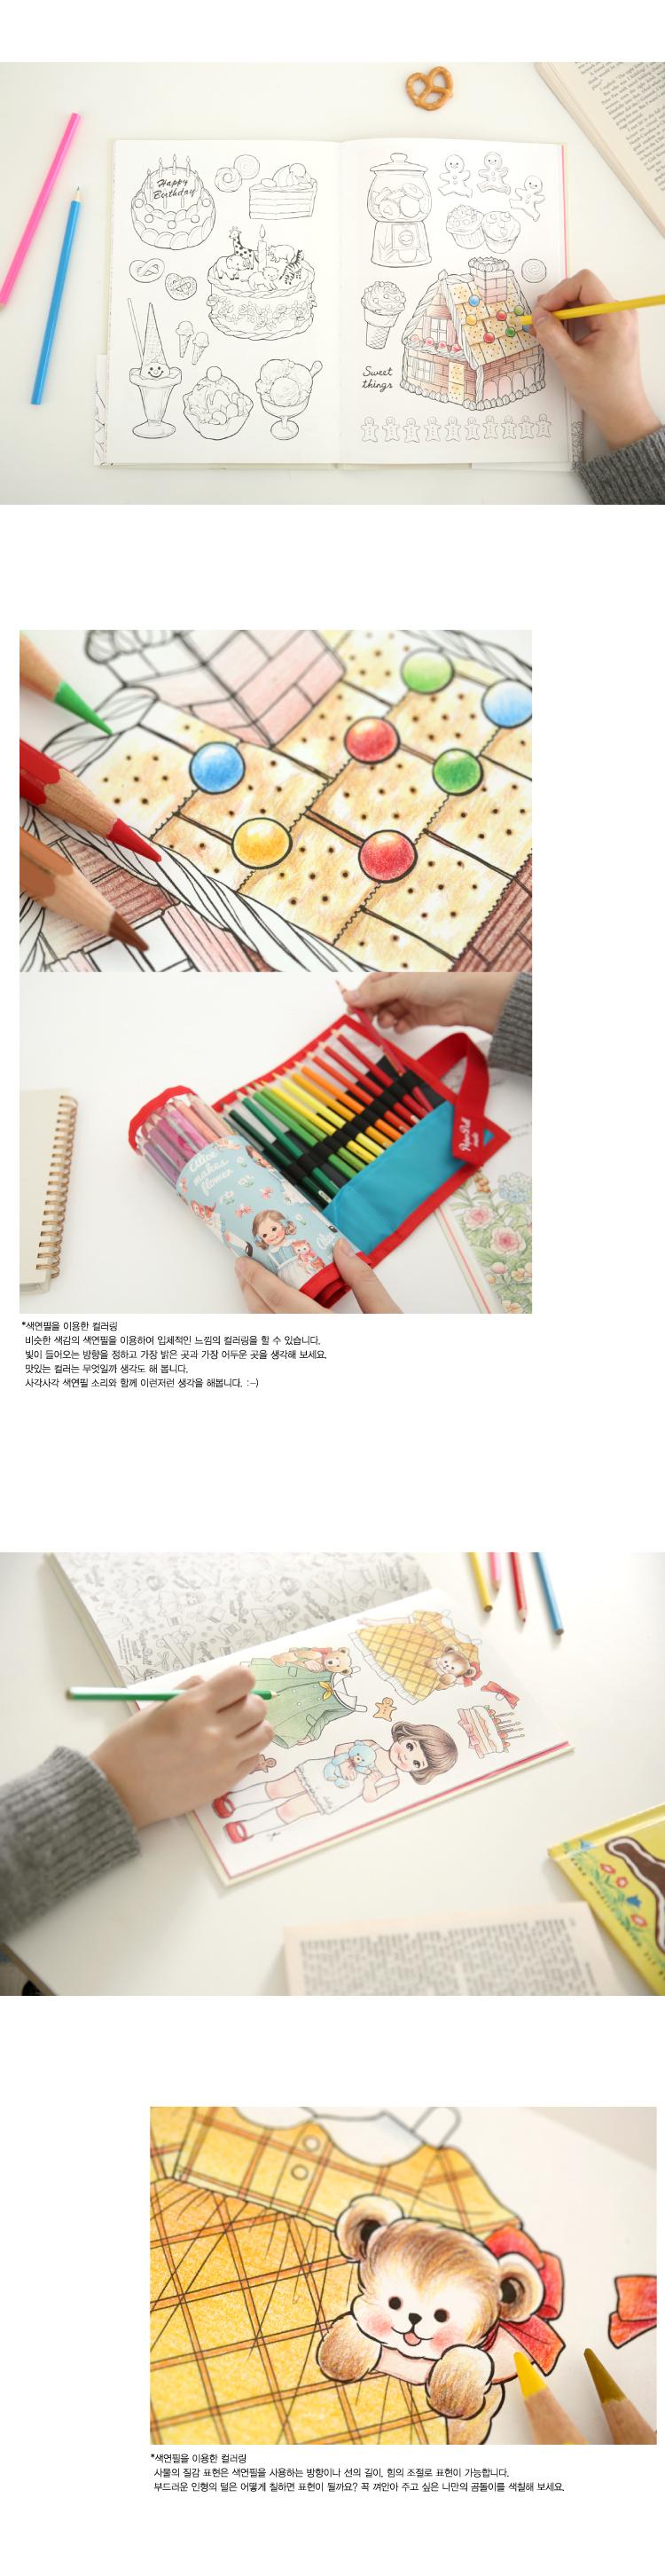 可爱女孩涂鸦填色绘画书  材质:纸 尺寸:185*260mm,64页 产地:韩国